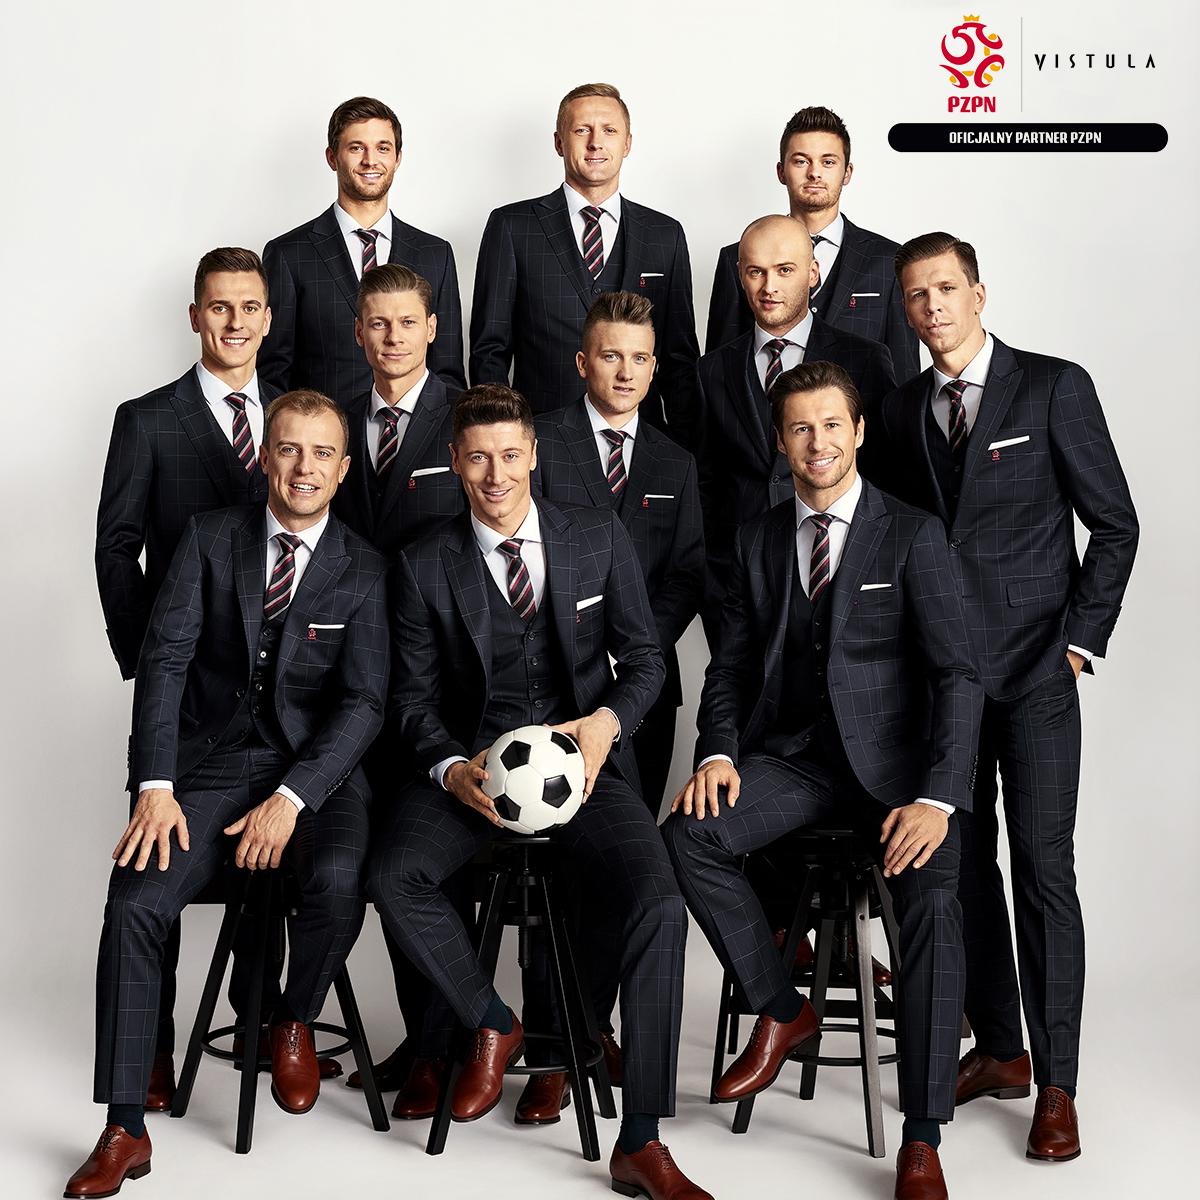 Vistula jako partner PZPN, po raz kolejny zadba o formalny strój Reprezentacji Polski. Tym razem marka towarzyszyć będzie piłkarzom podczas Mistrzostw Świata 2018 w Rosji.